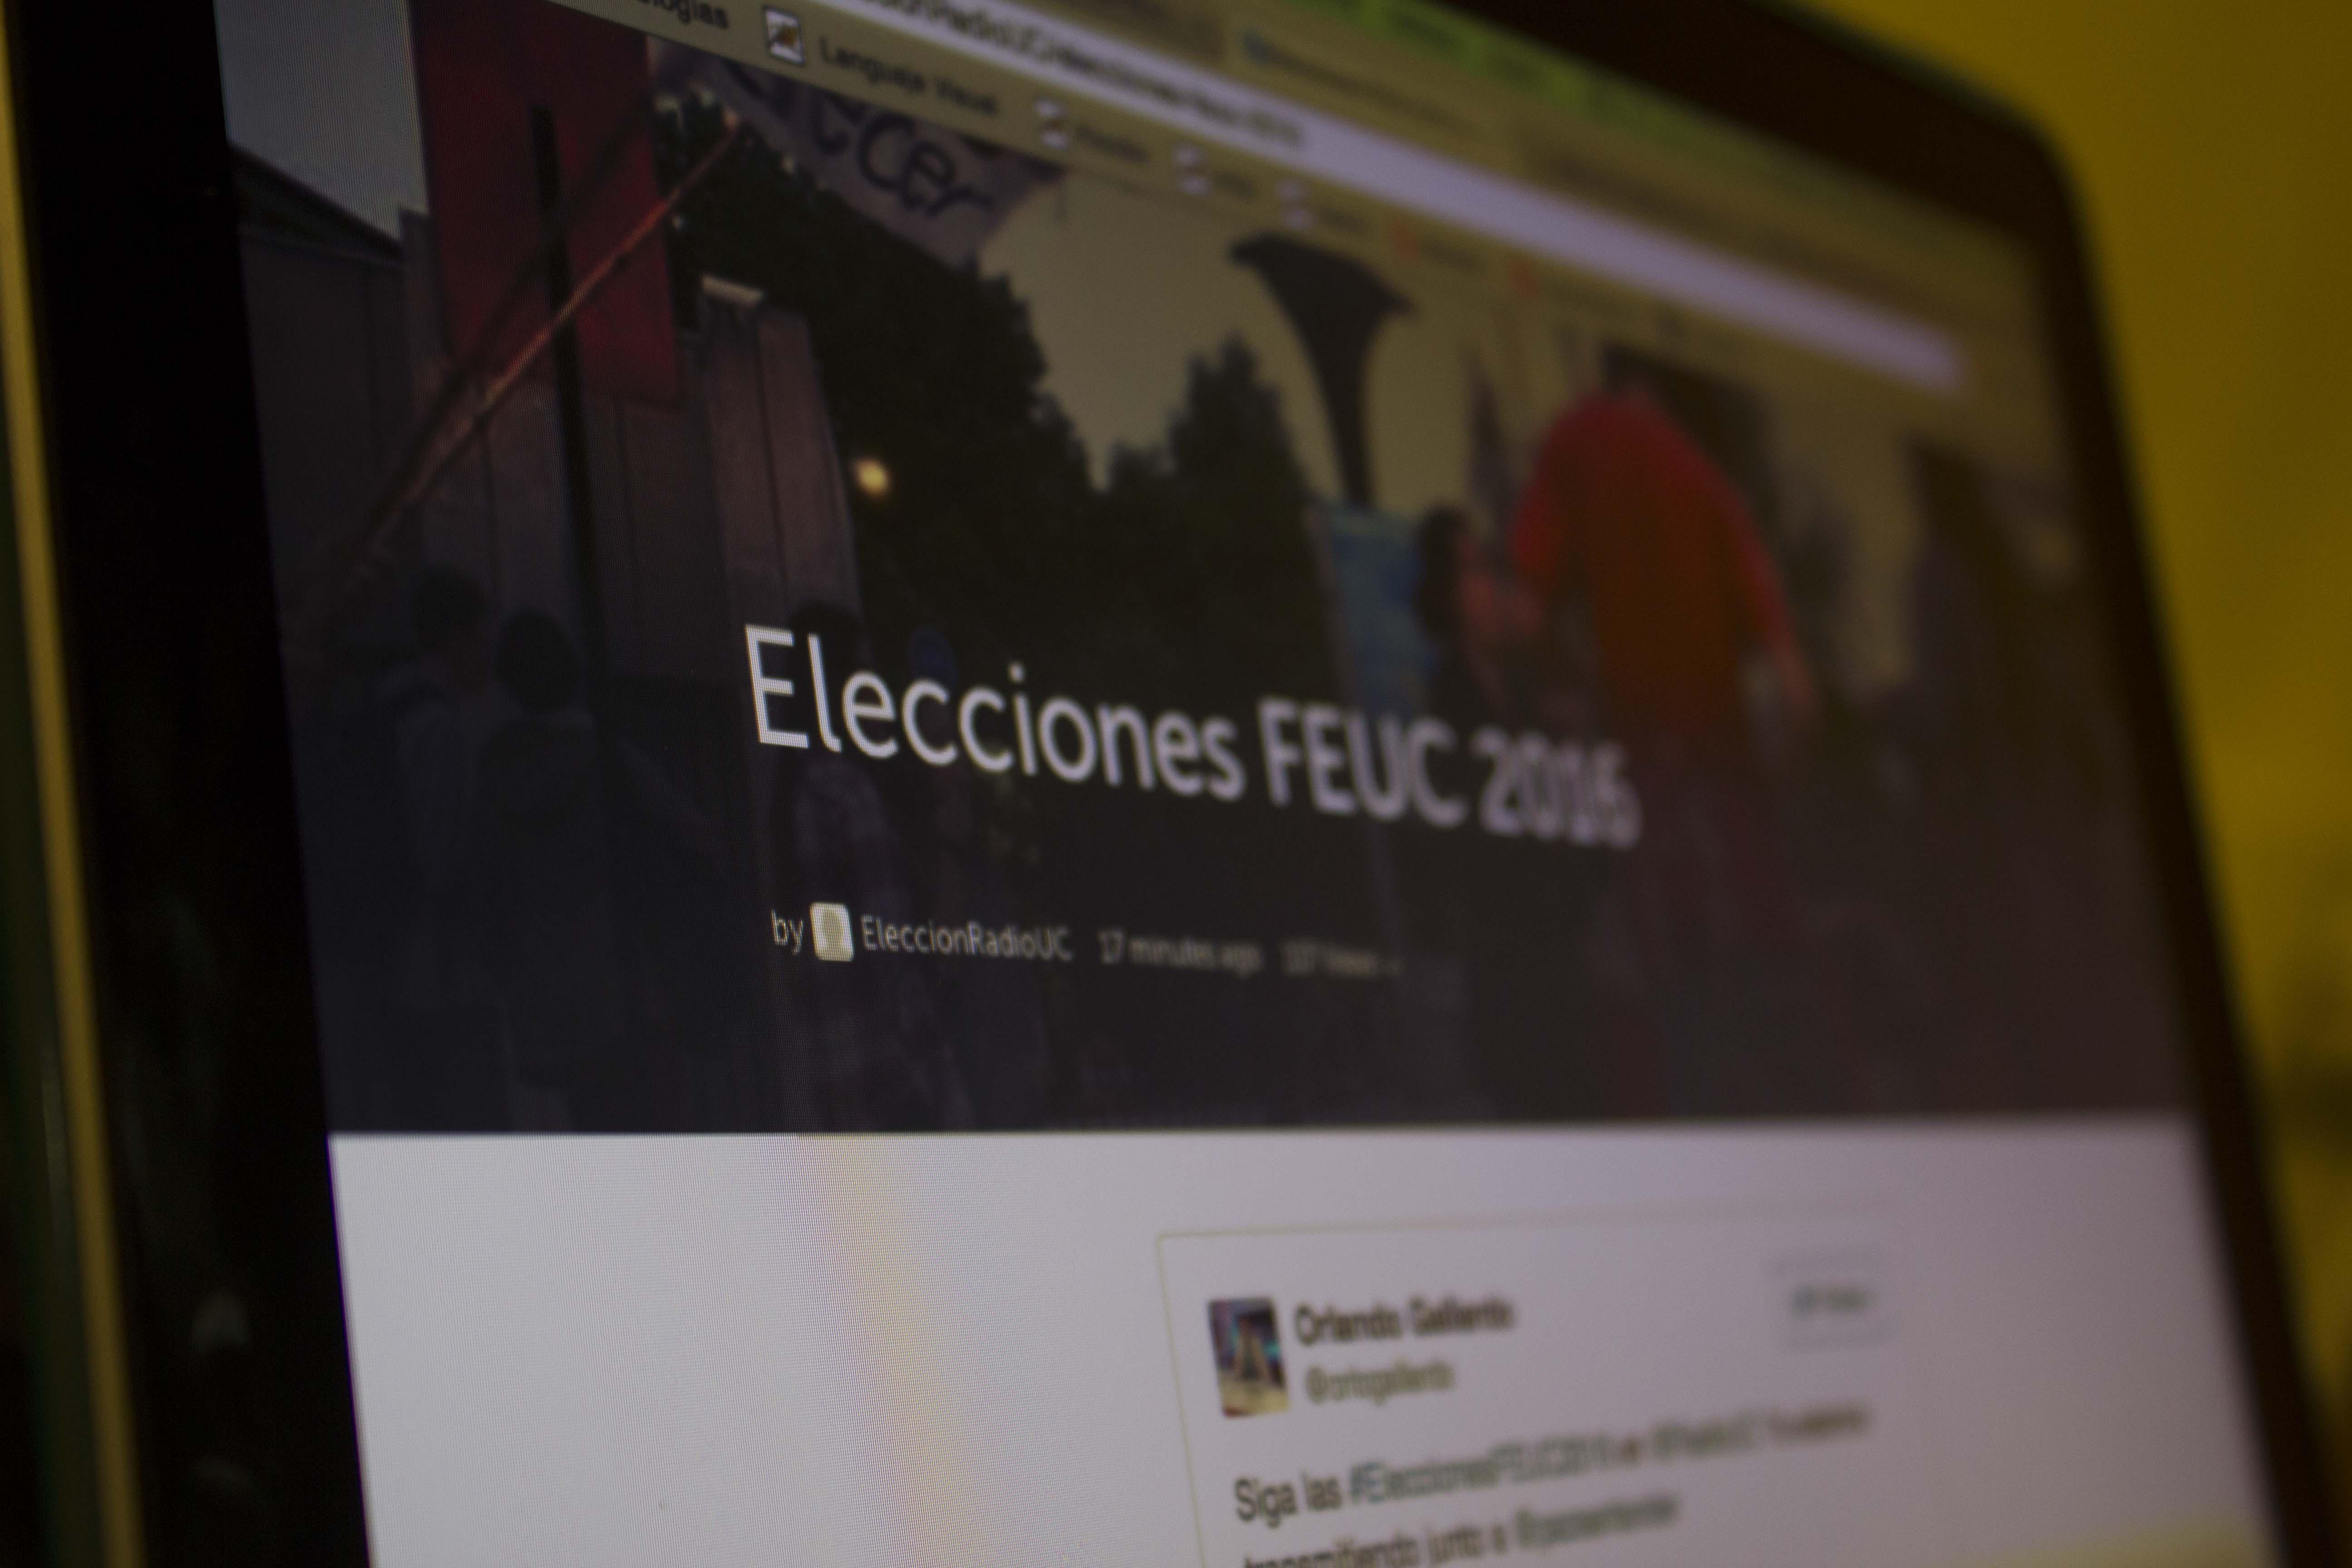 Minuto a minuto de la segunda vuelta de Elecciones FEUC 2016